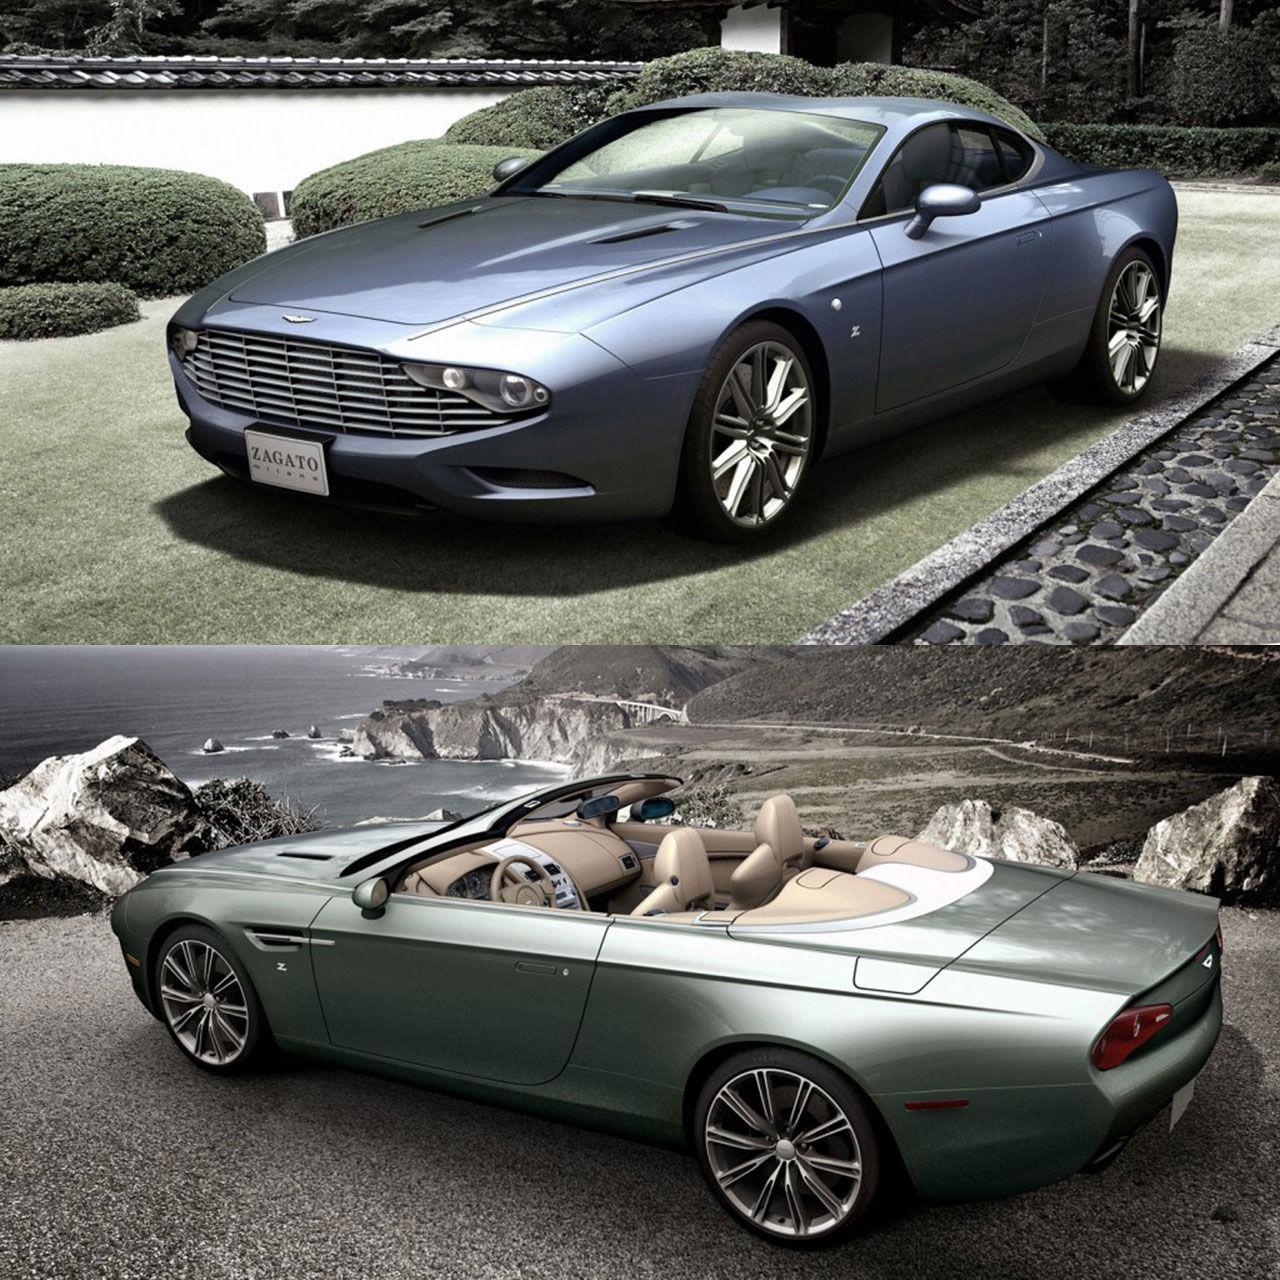 Aston Martin och Zagato visar upp två specialmodeller